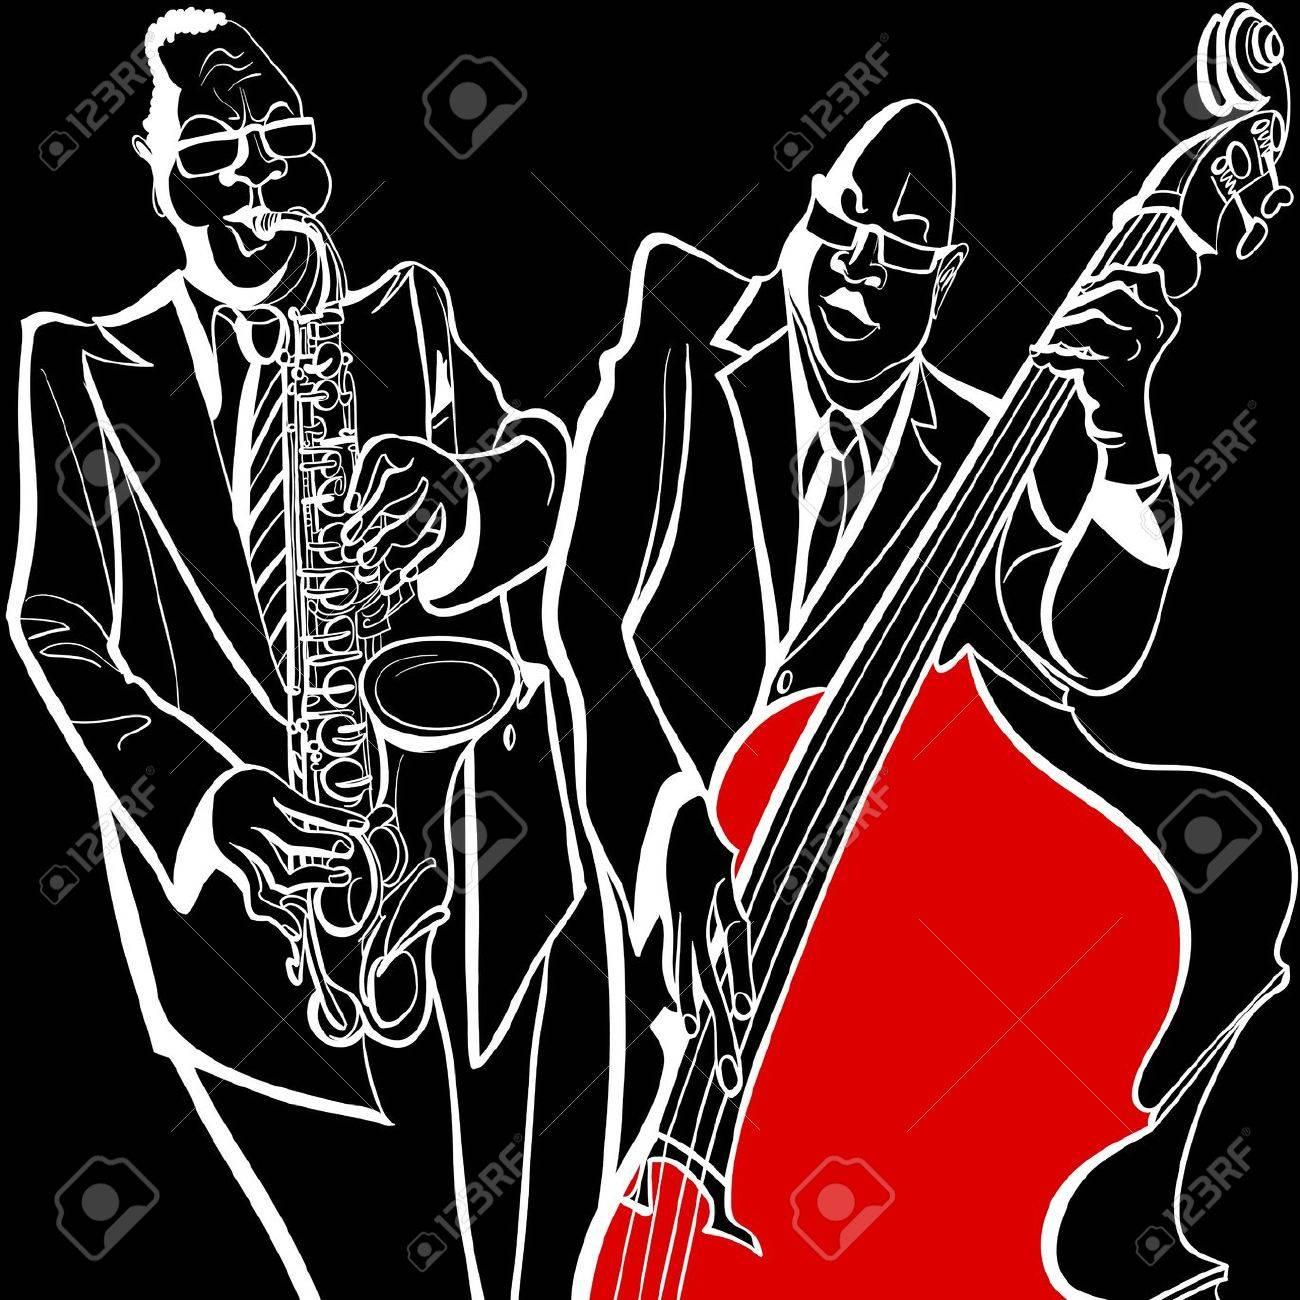 ジャズ バンドのイラスト の写真素材画像素材 Image 20450209